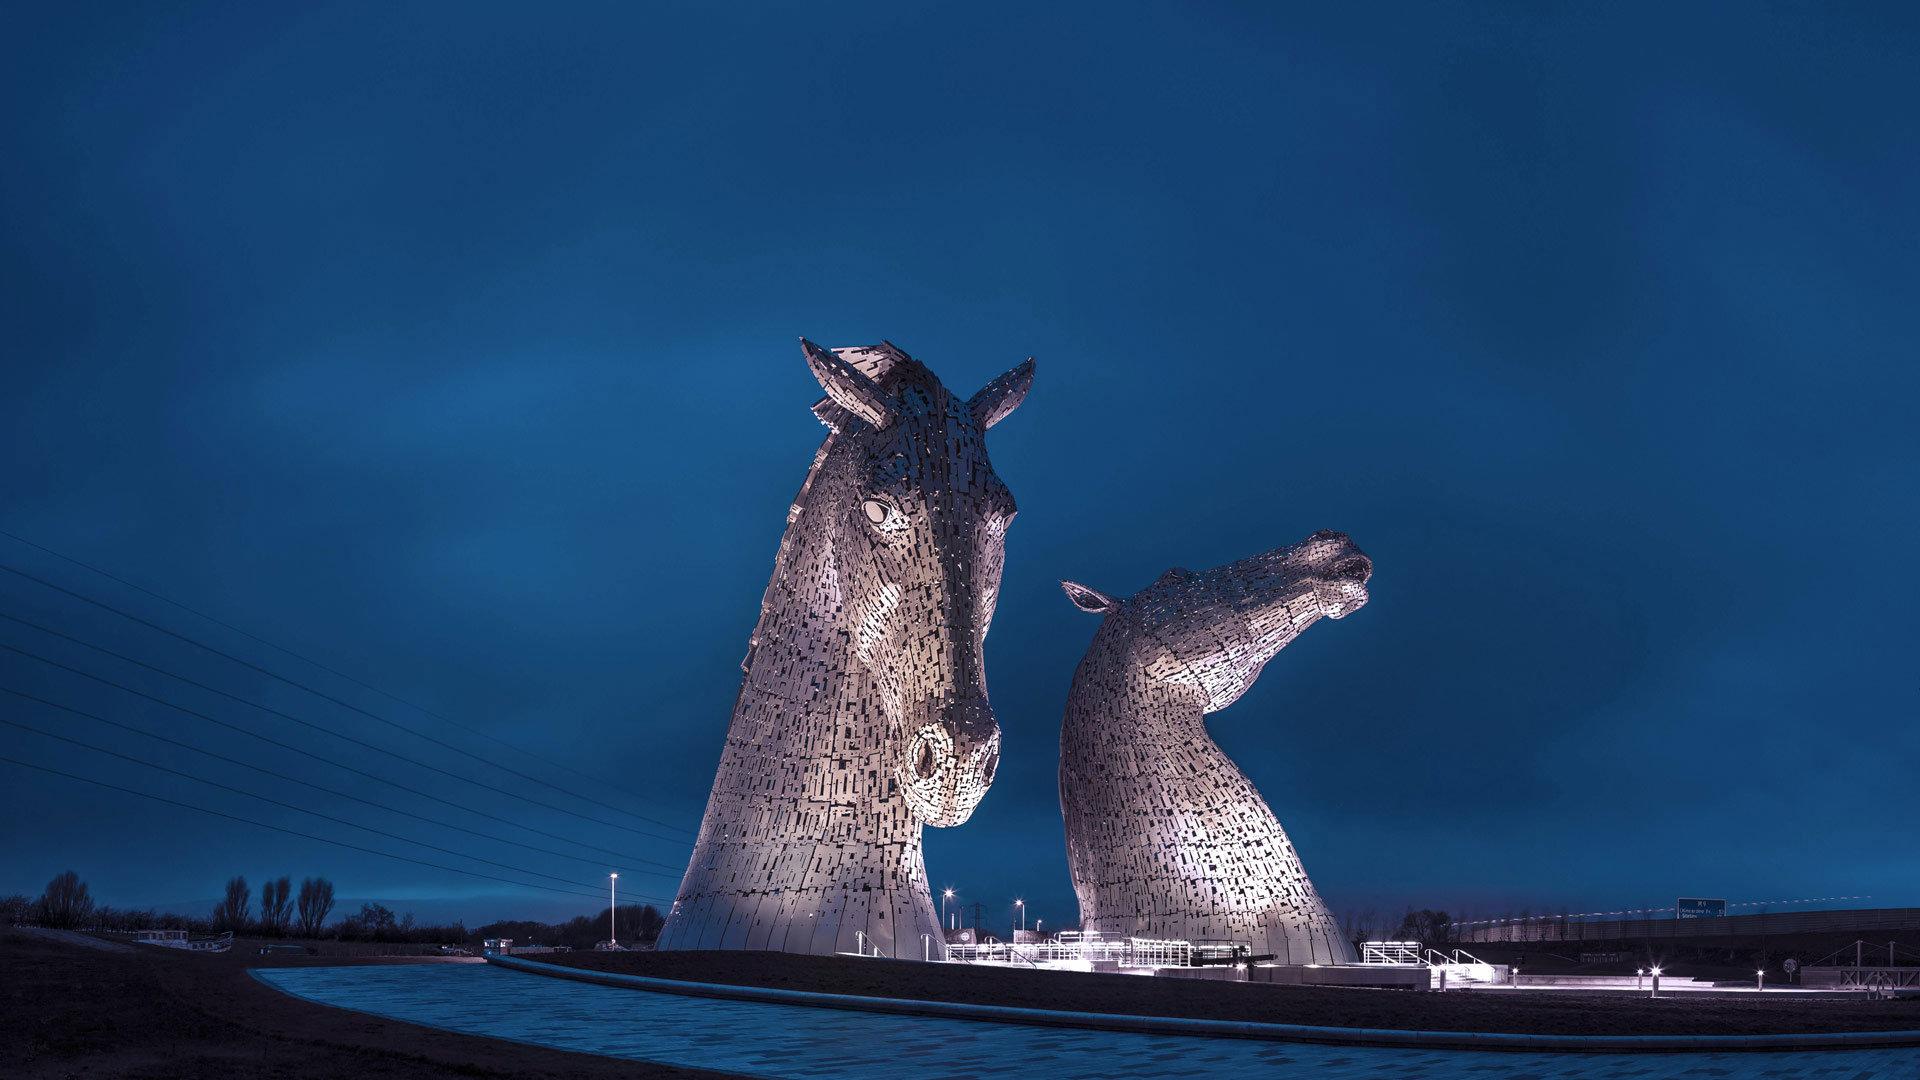 世界上最大的马形雕塑